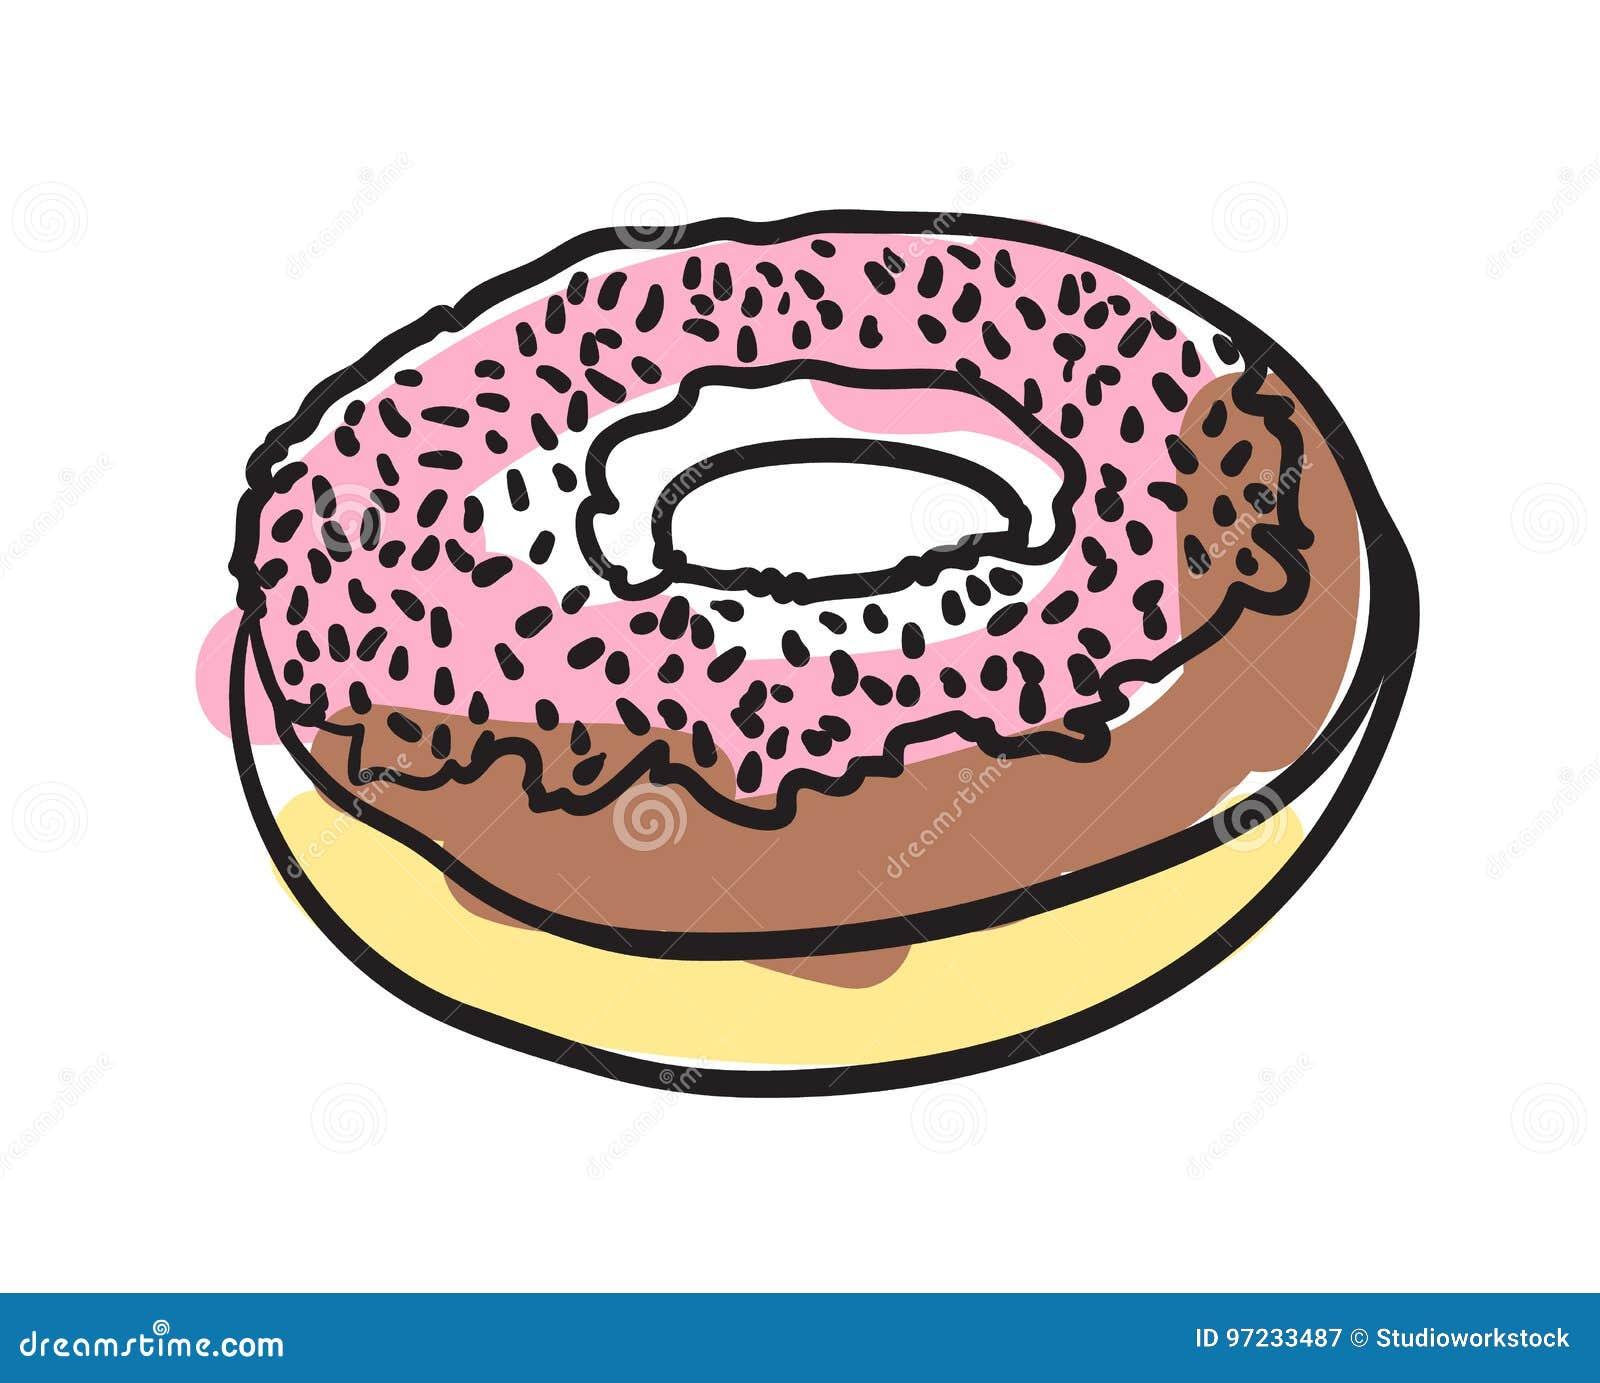 Süße Gezeichnete Ikone Des Donuts Hand Vektor Abbildung